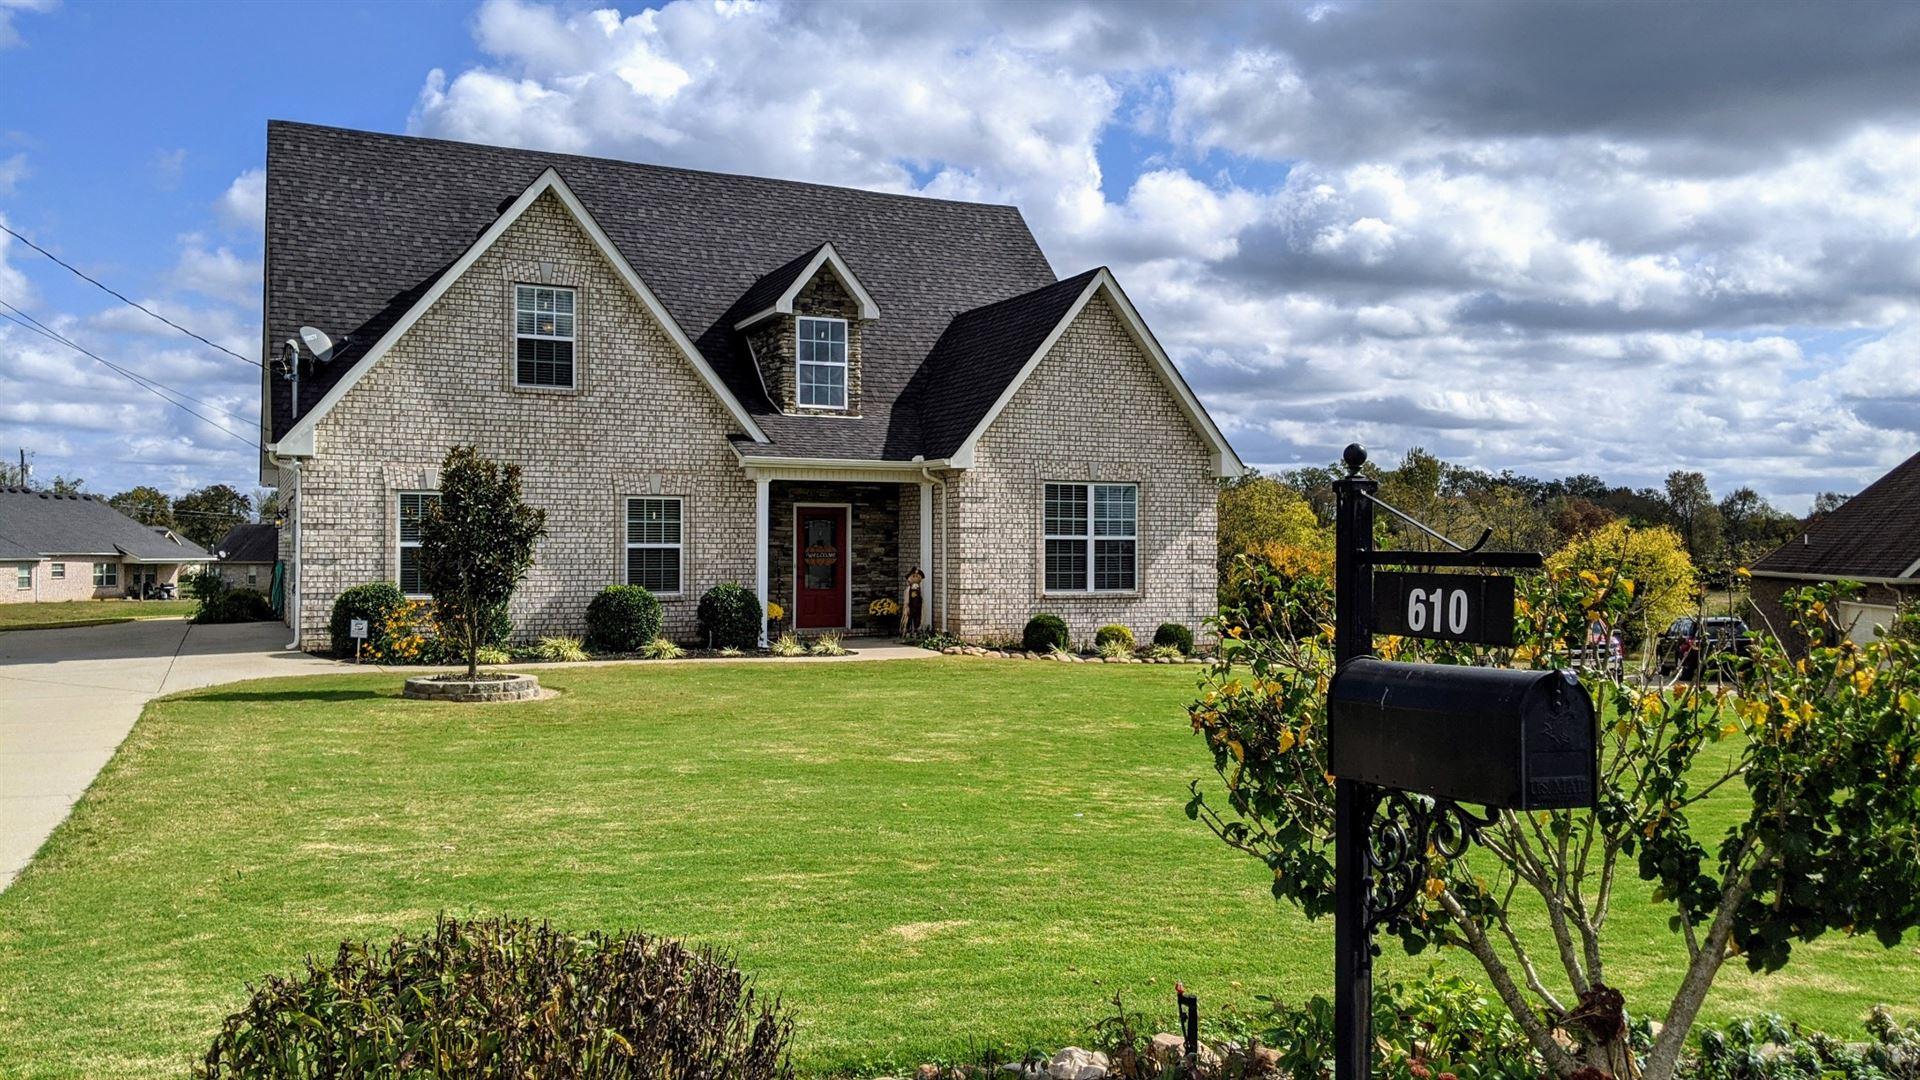 610 Fantasia Ct, Murfreesboro, TN 37129 - MLS#: 2201033